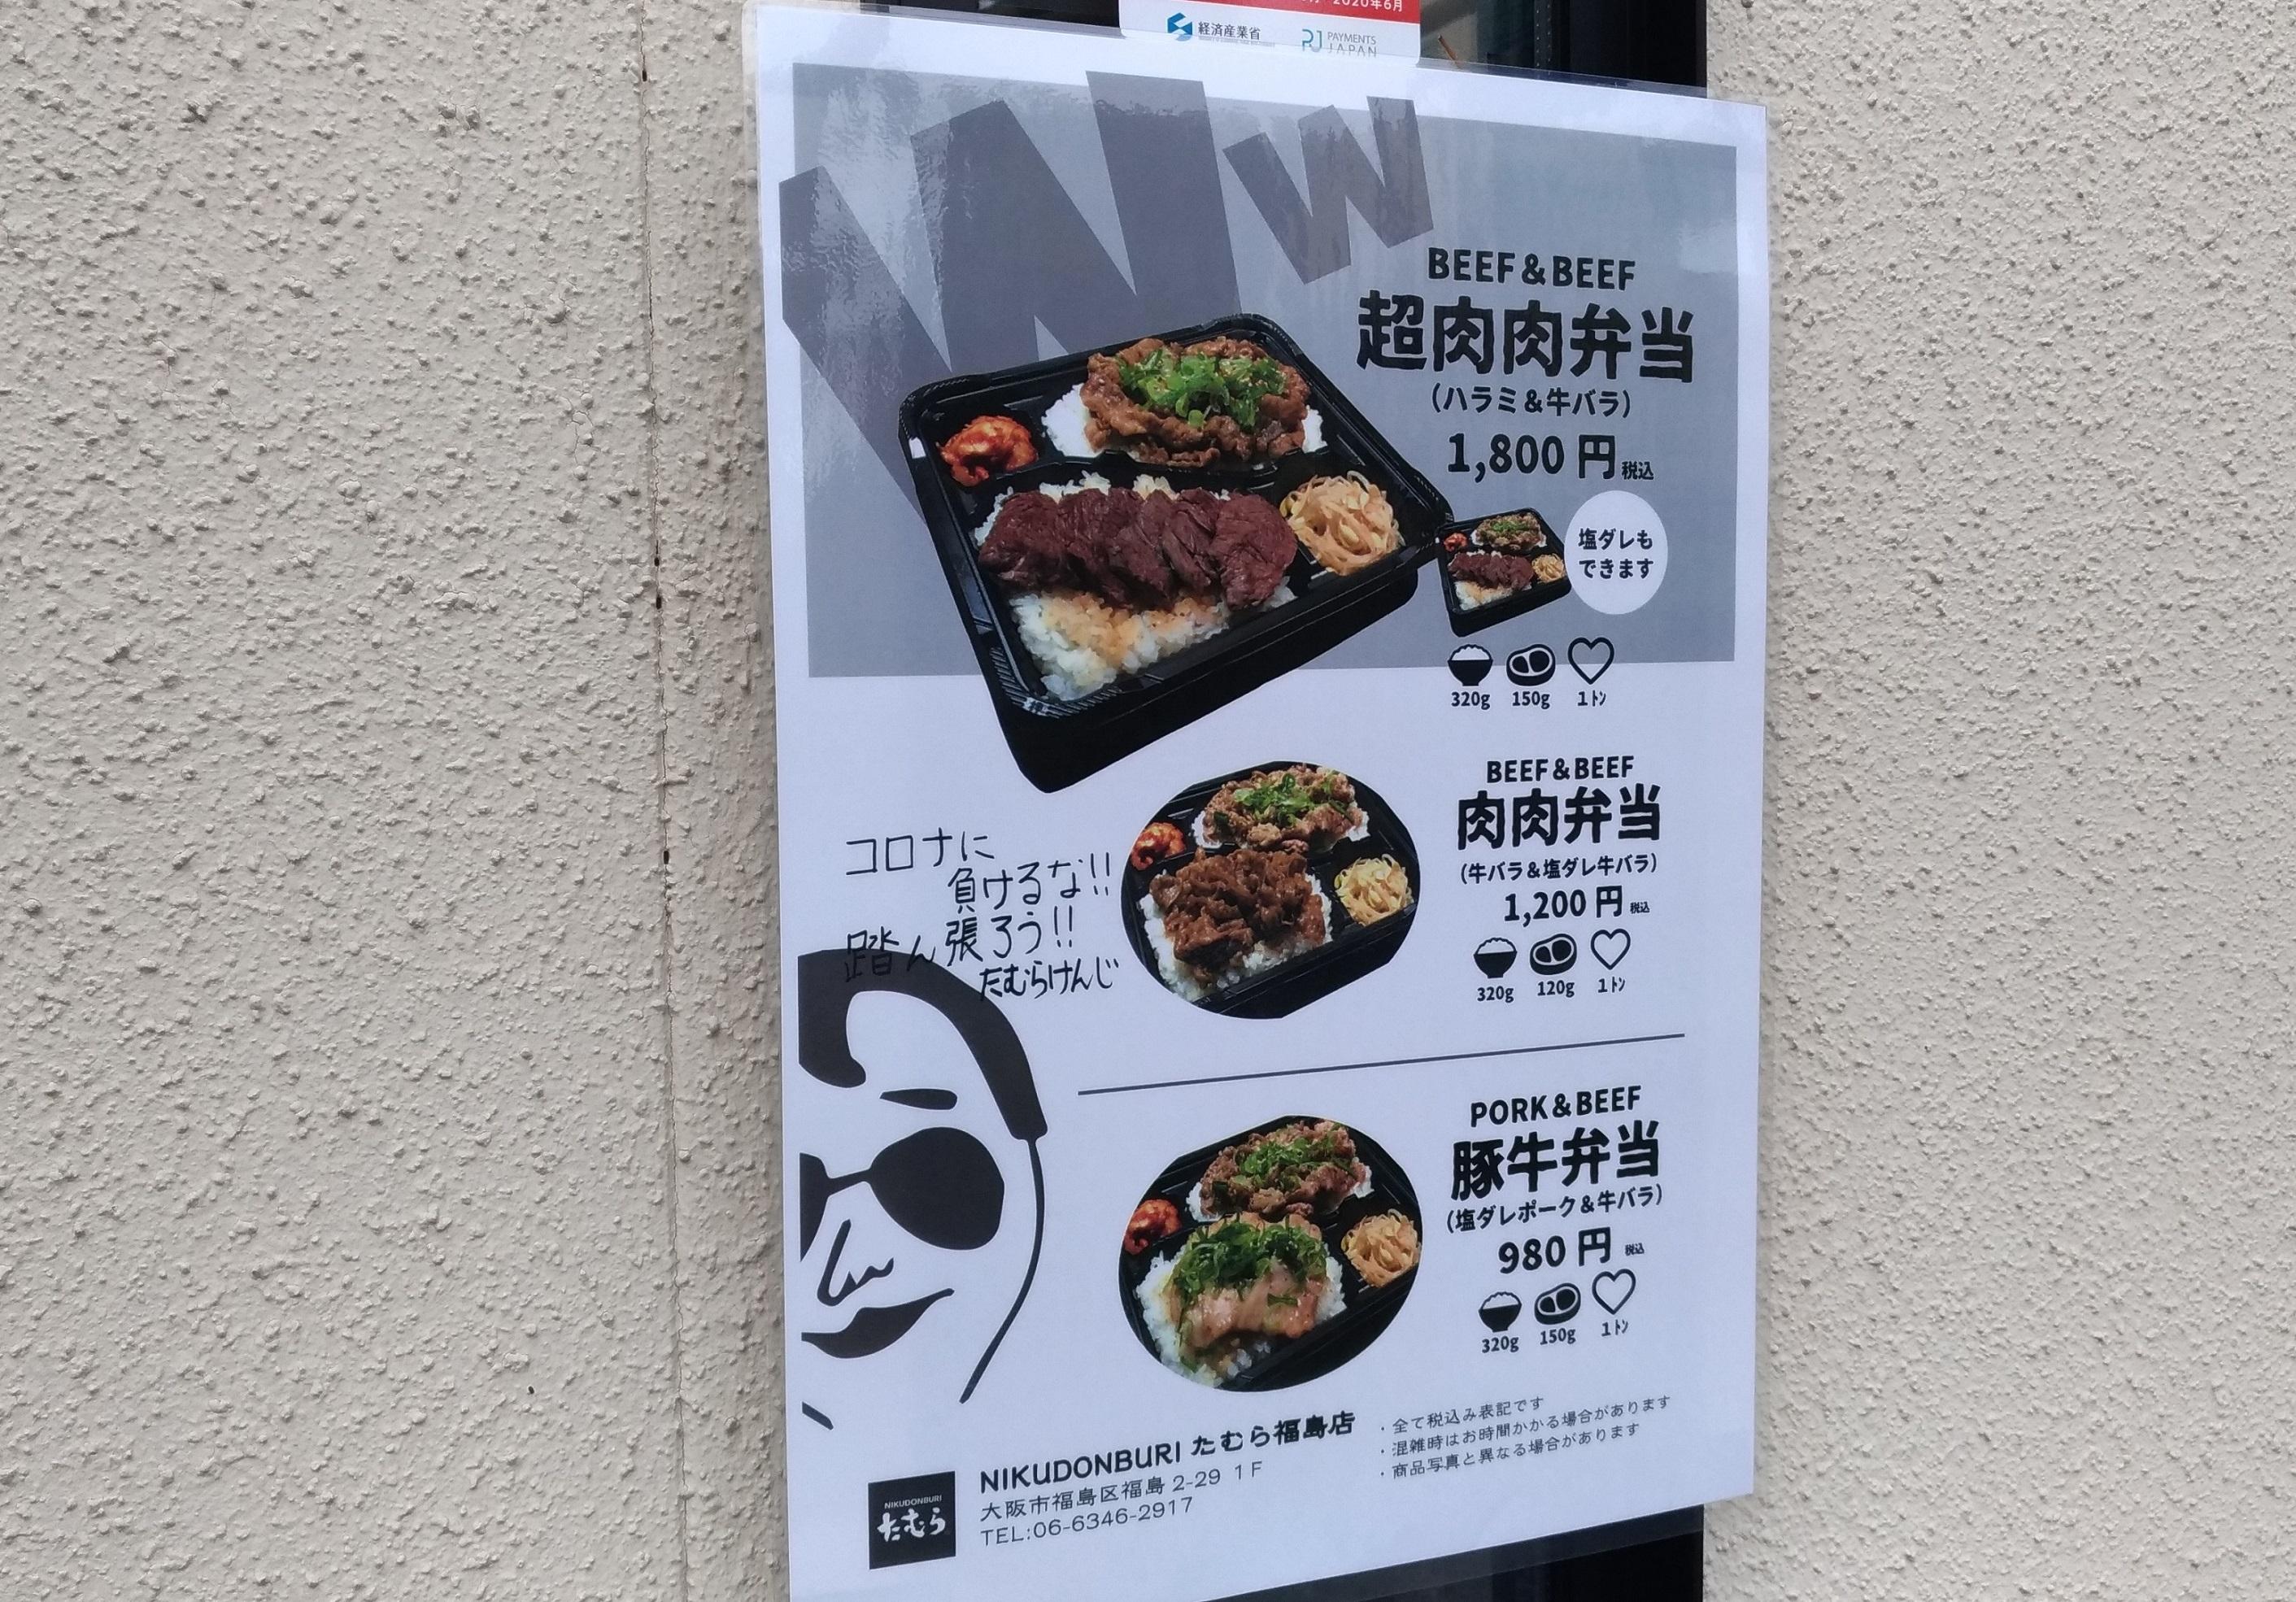 tamura_osaka_fukushima_take_out_2.jpg